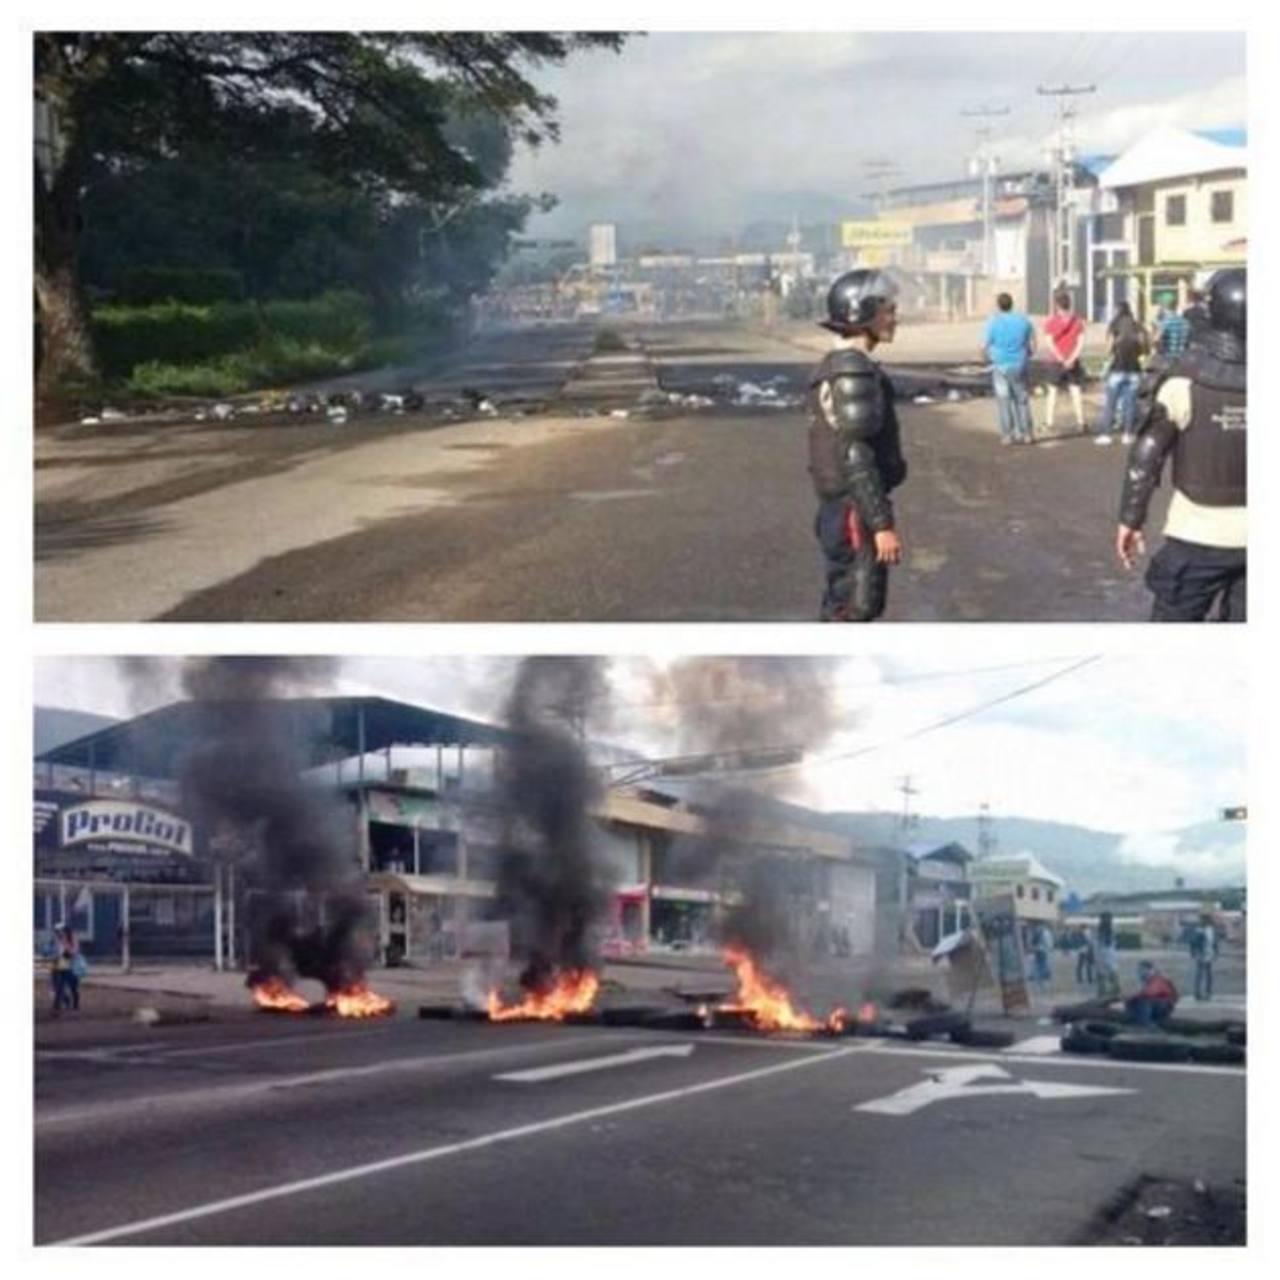 En el estado Táchira continúan las protestas en contra de la iniciativa gubernamental por el uso de las máquinas captahuellas. foto edh /@DsdLaPlaza